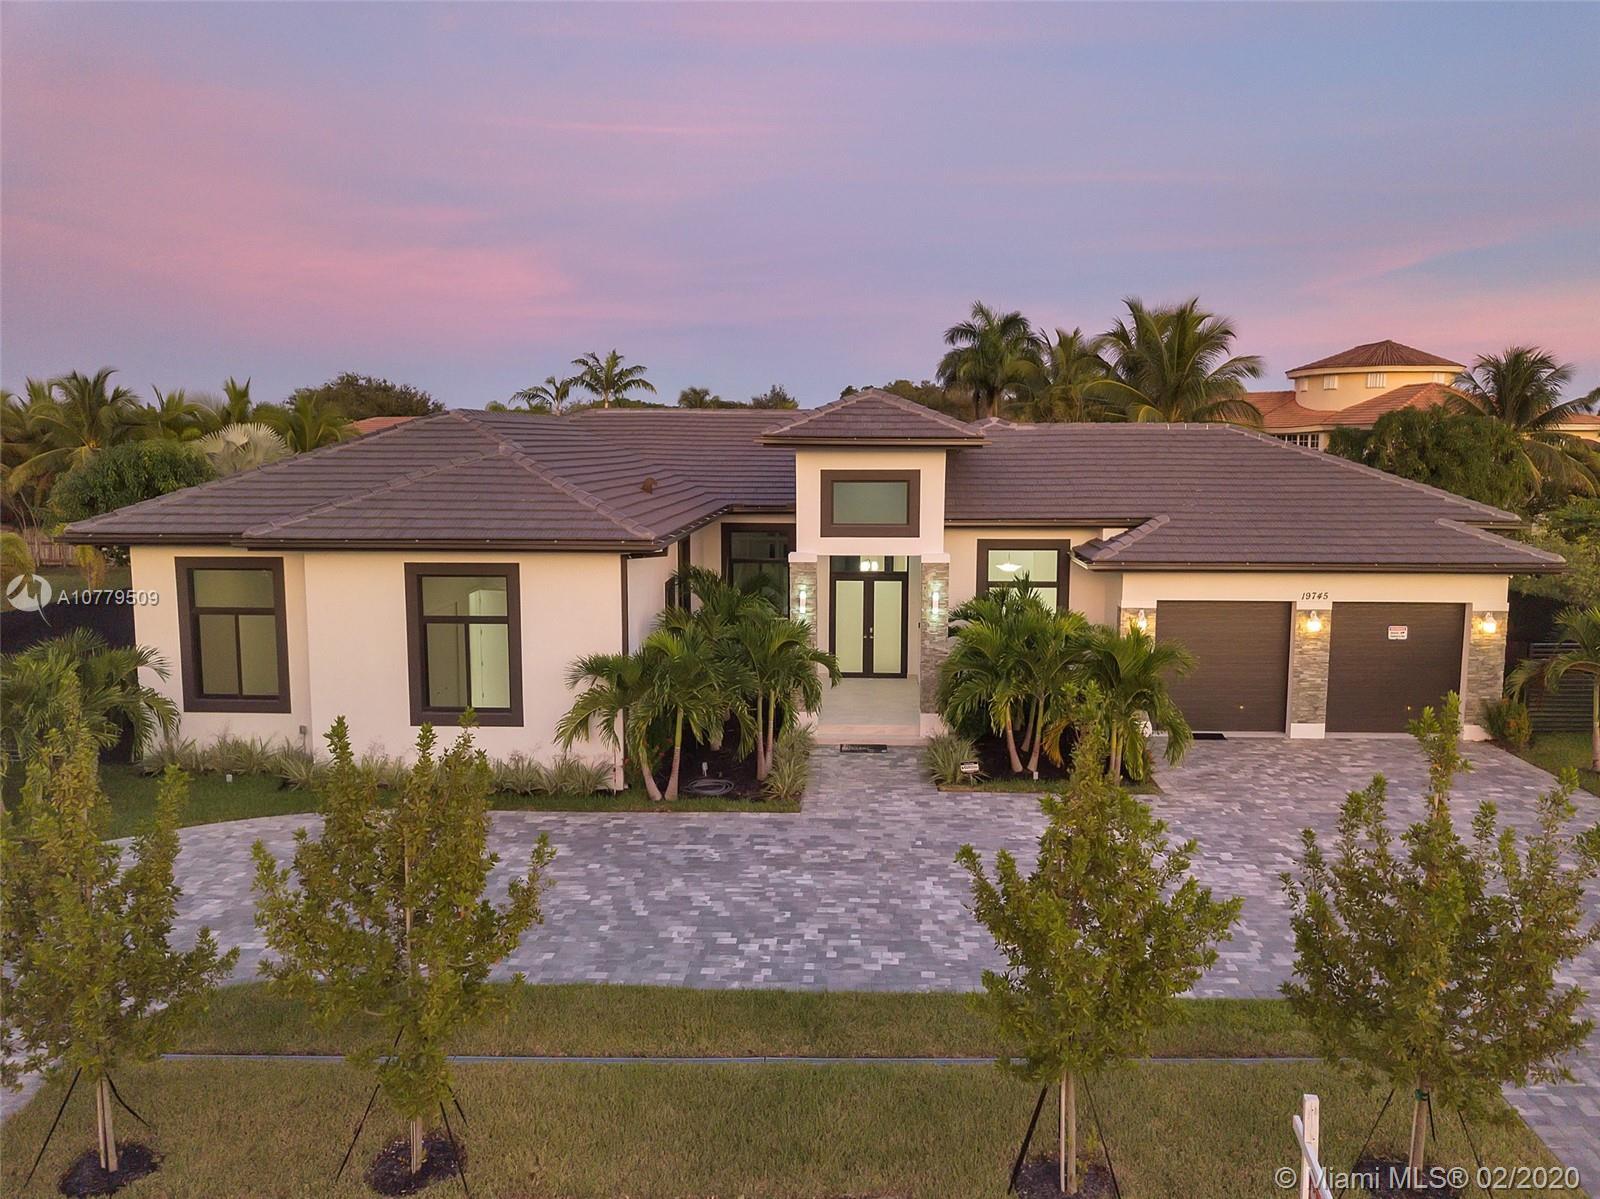 19745 SW 135th Ave, Miami, FL 33177